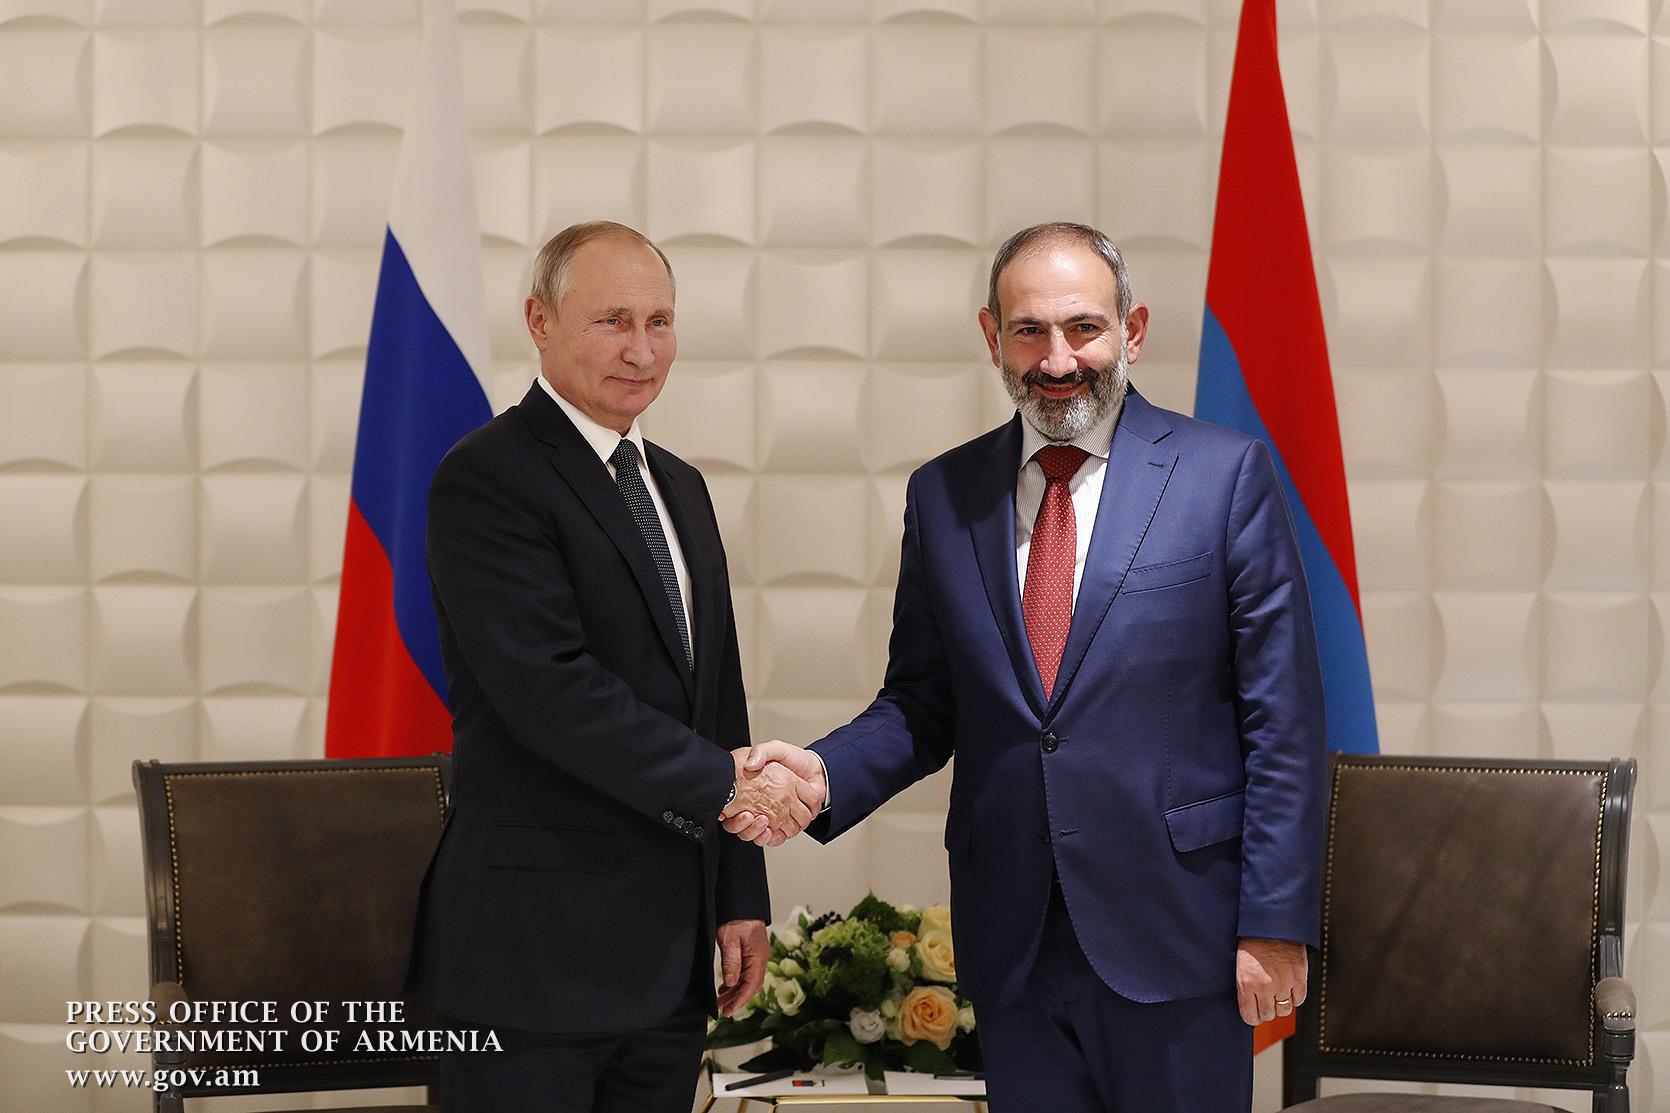 Никол Пашинян и Владимир Путин обсудили широкий круг вопросов армяно-российских отношений